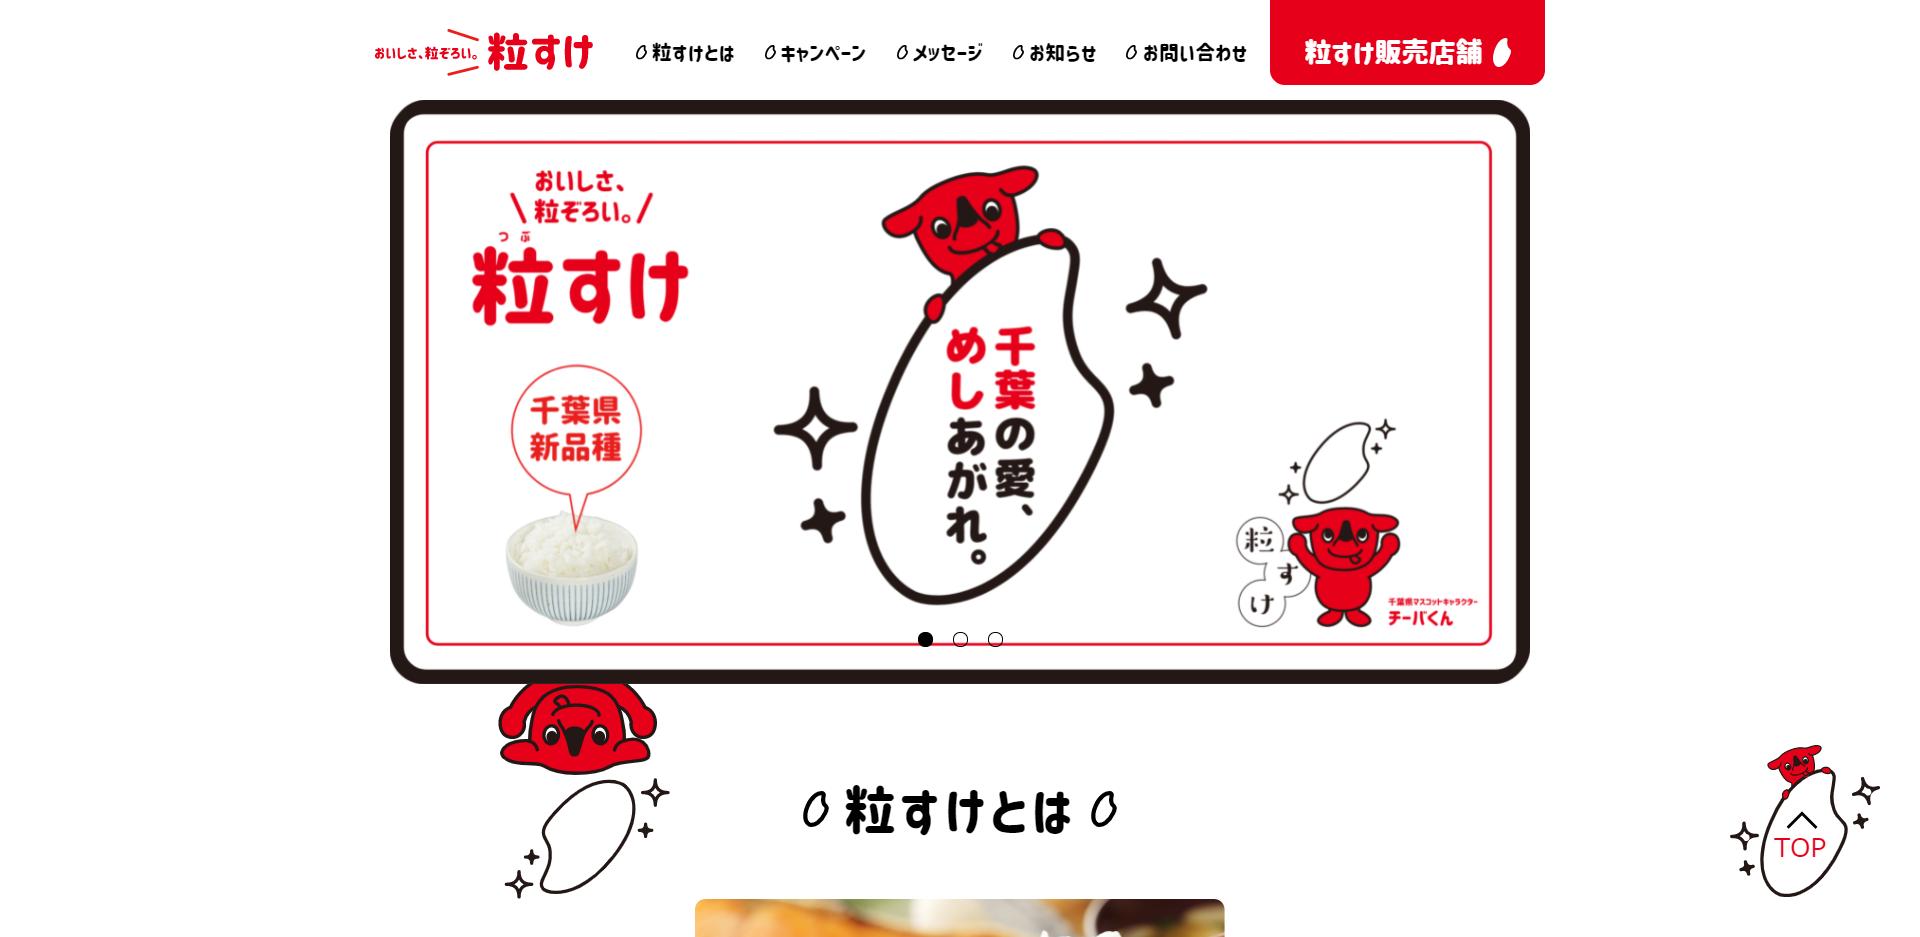 千葉の新しいお米「粒すけ」のホームページをリニューアルしました。